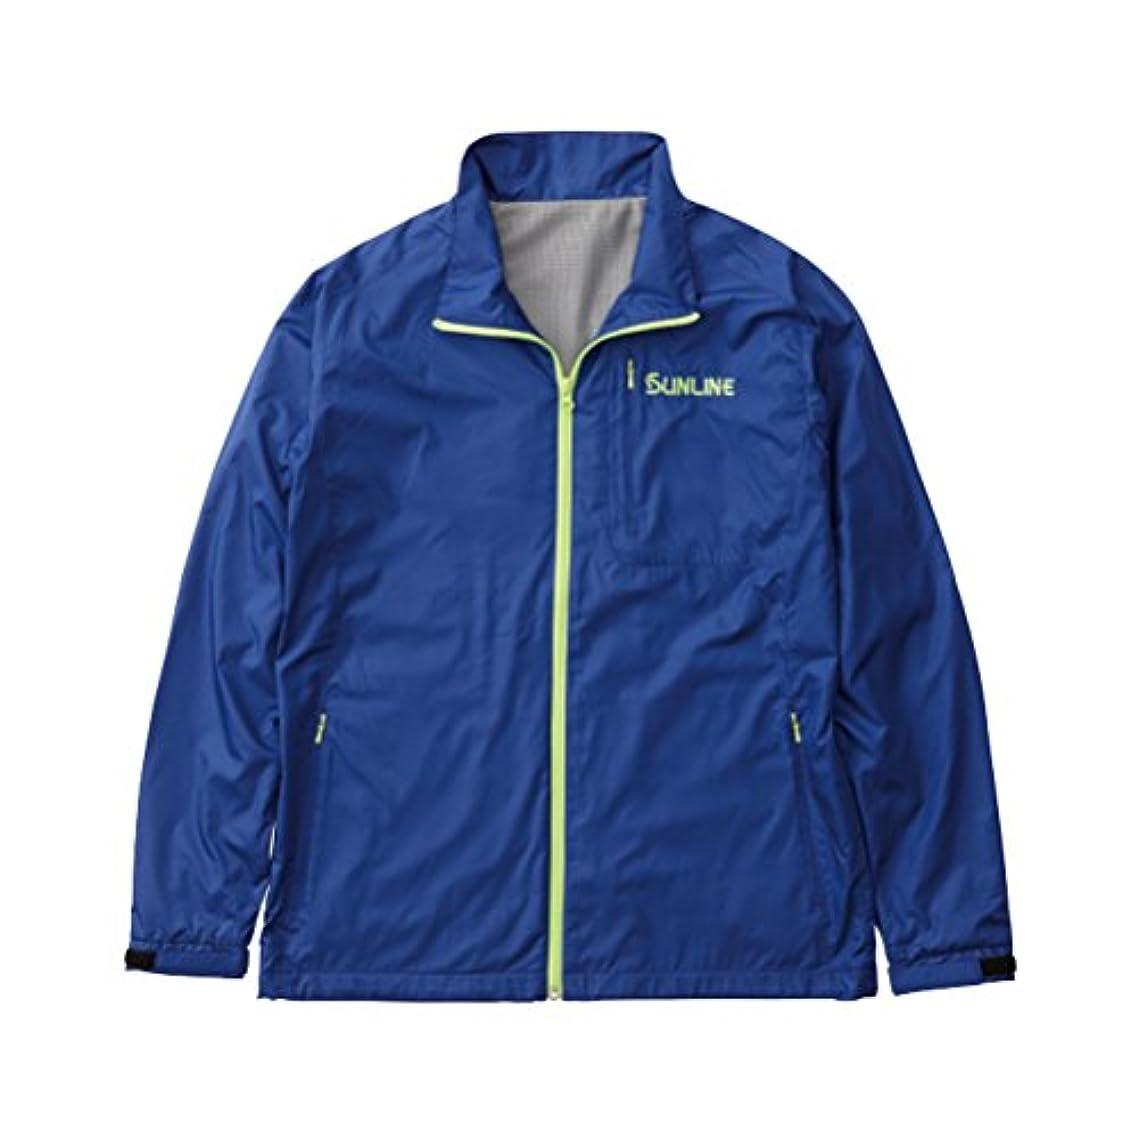 荒廃する起こりやすい旅客サンライン(SUNLINE) ジャケット ライトシェル L ブルー SCW-6113